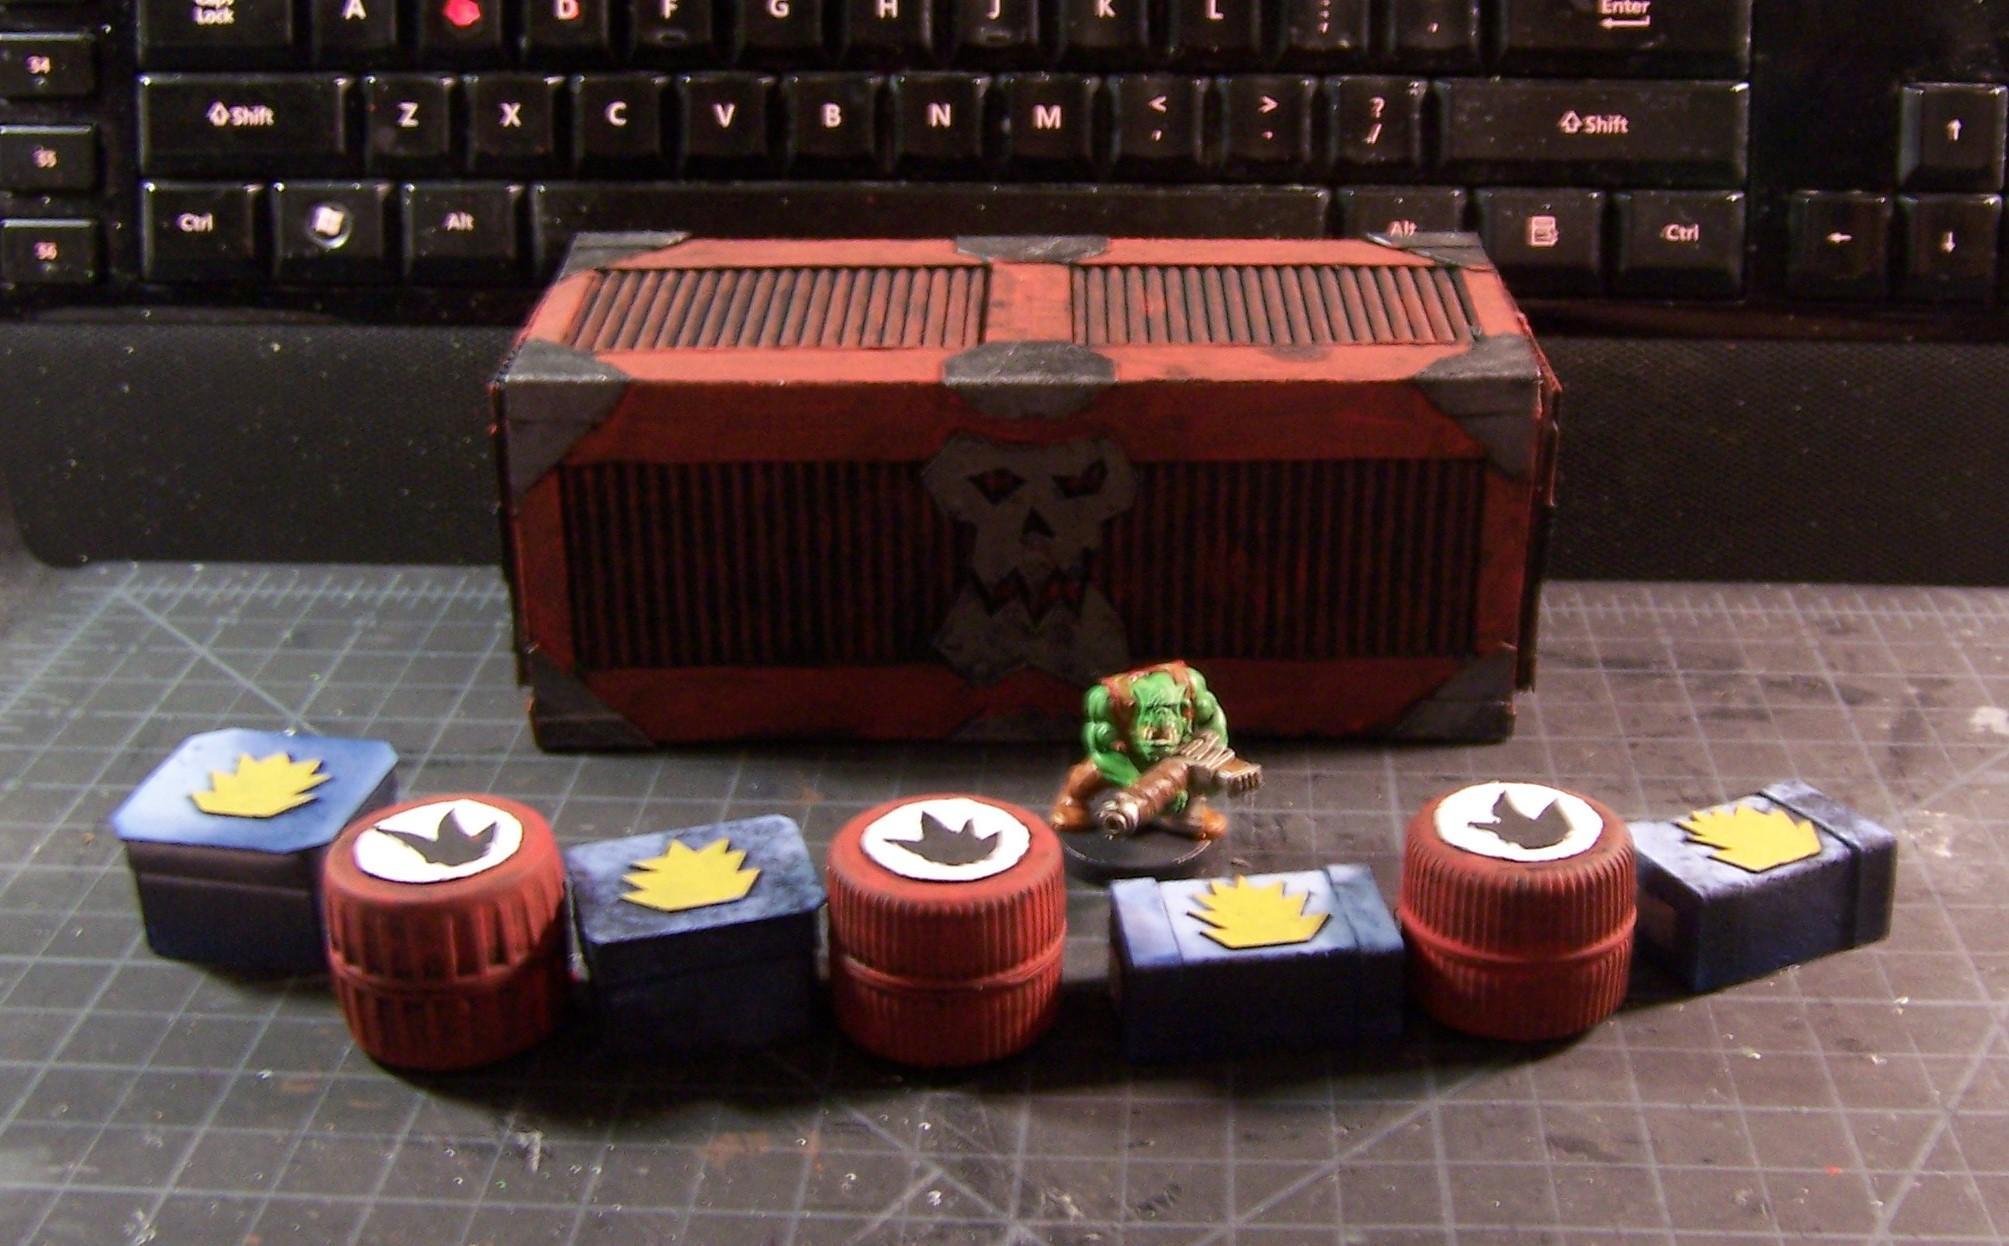 Armored Container, Container, Custom, Kustom, Munitorum Container, Orks